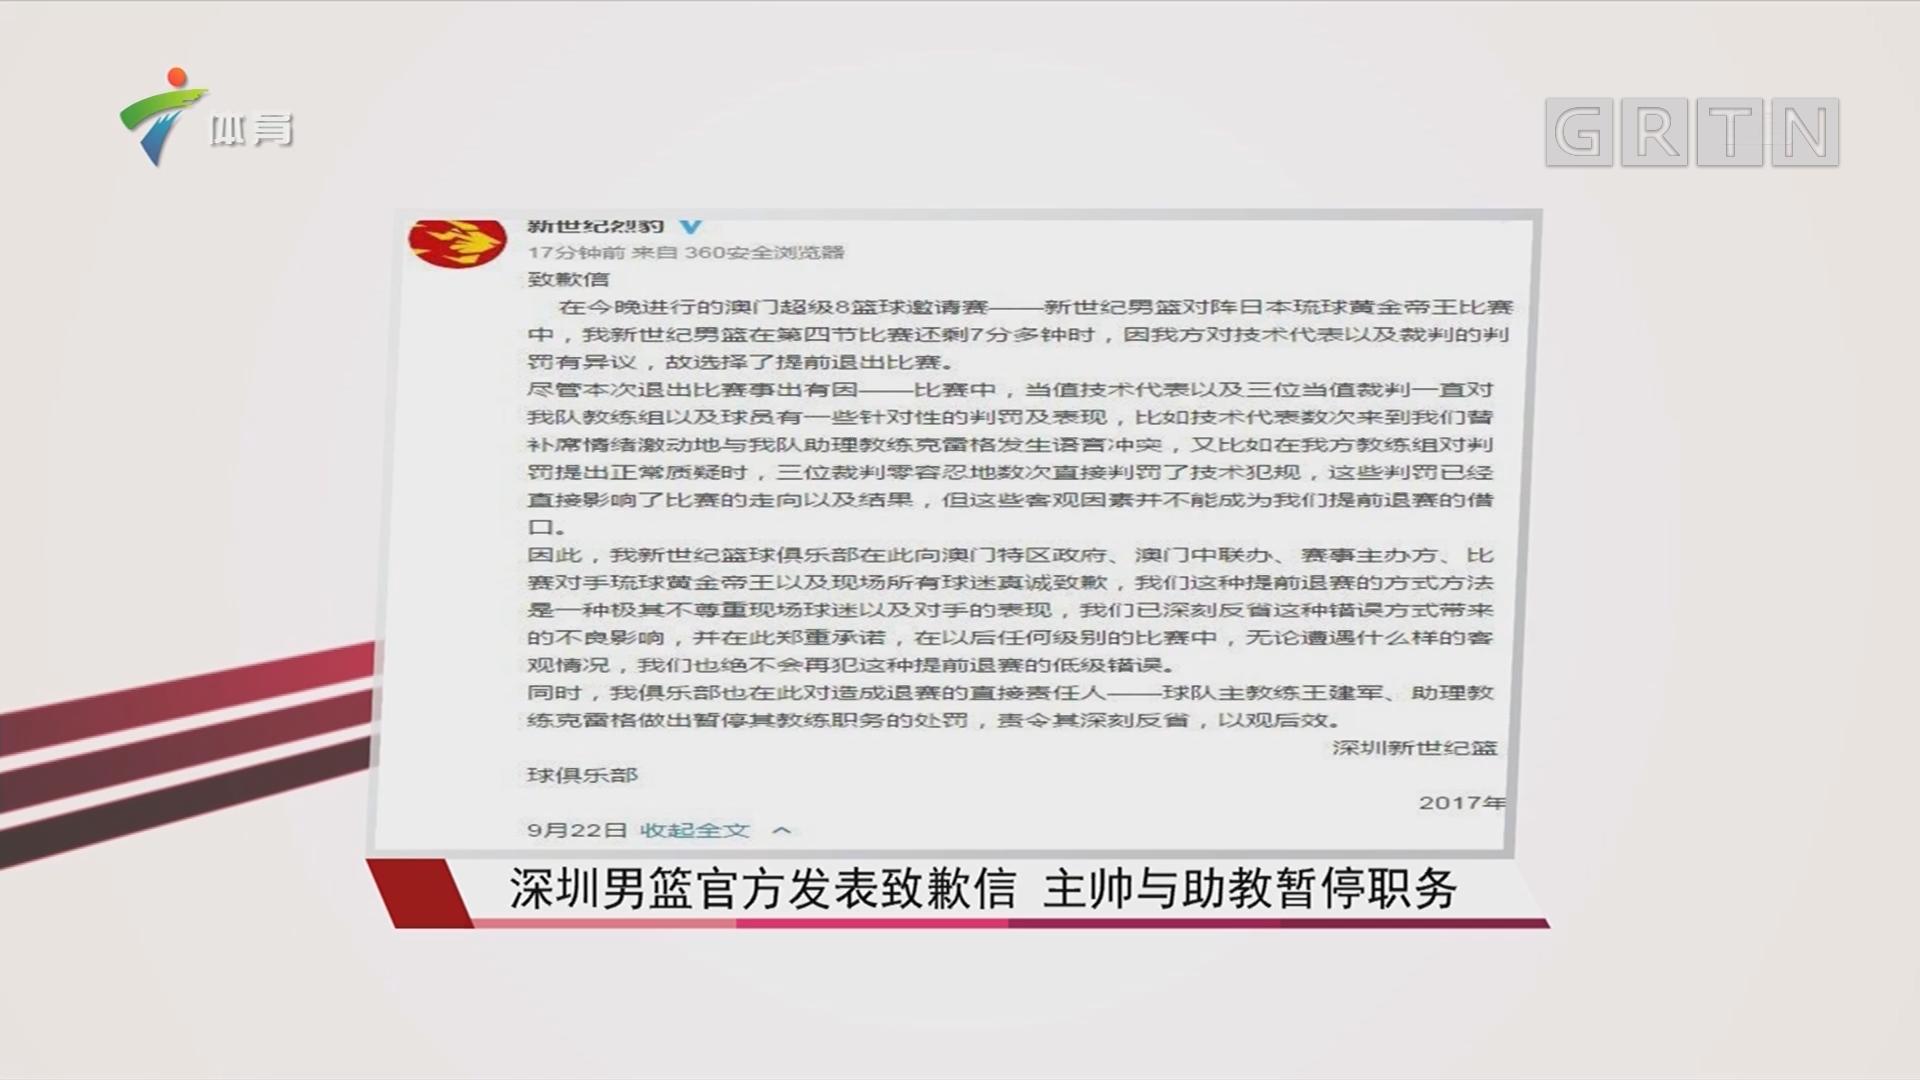 深圳男篮官方发表致歉信 主帅与助教暂停职务